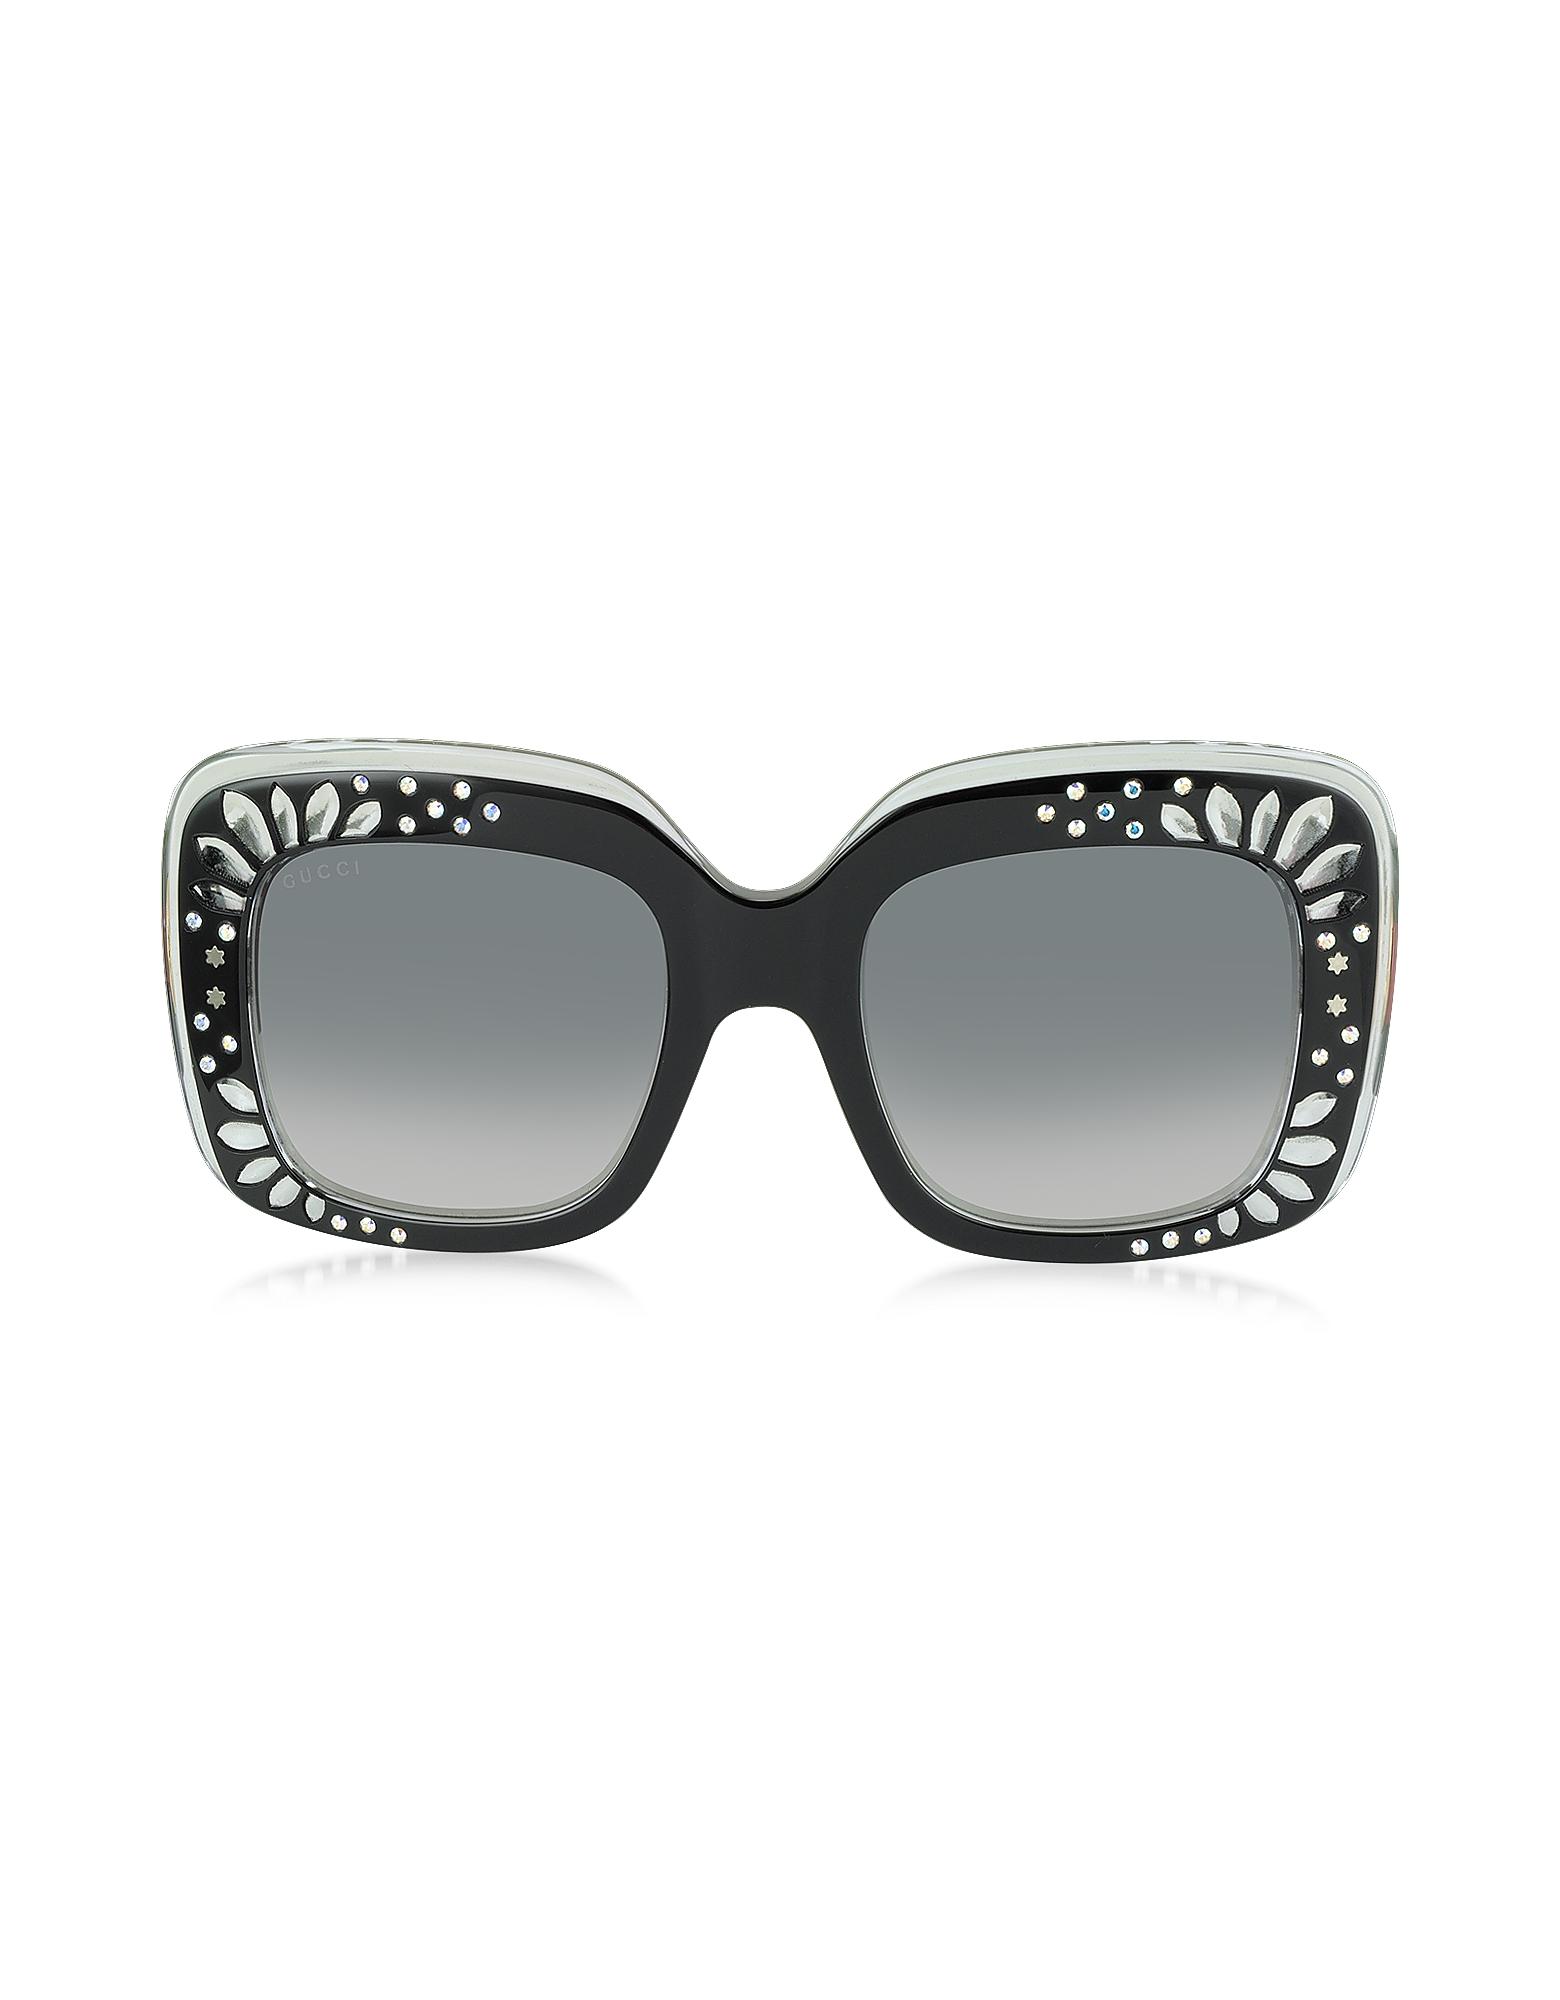 Gucci GG 3862/S YL1VK - Большие Черные Женские Солнечные Очки в Квадратной Оправе из Ацетата с Кристаллами